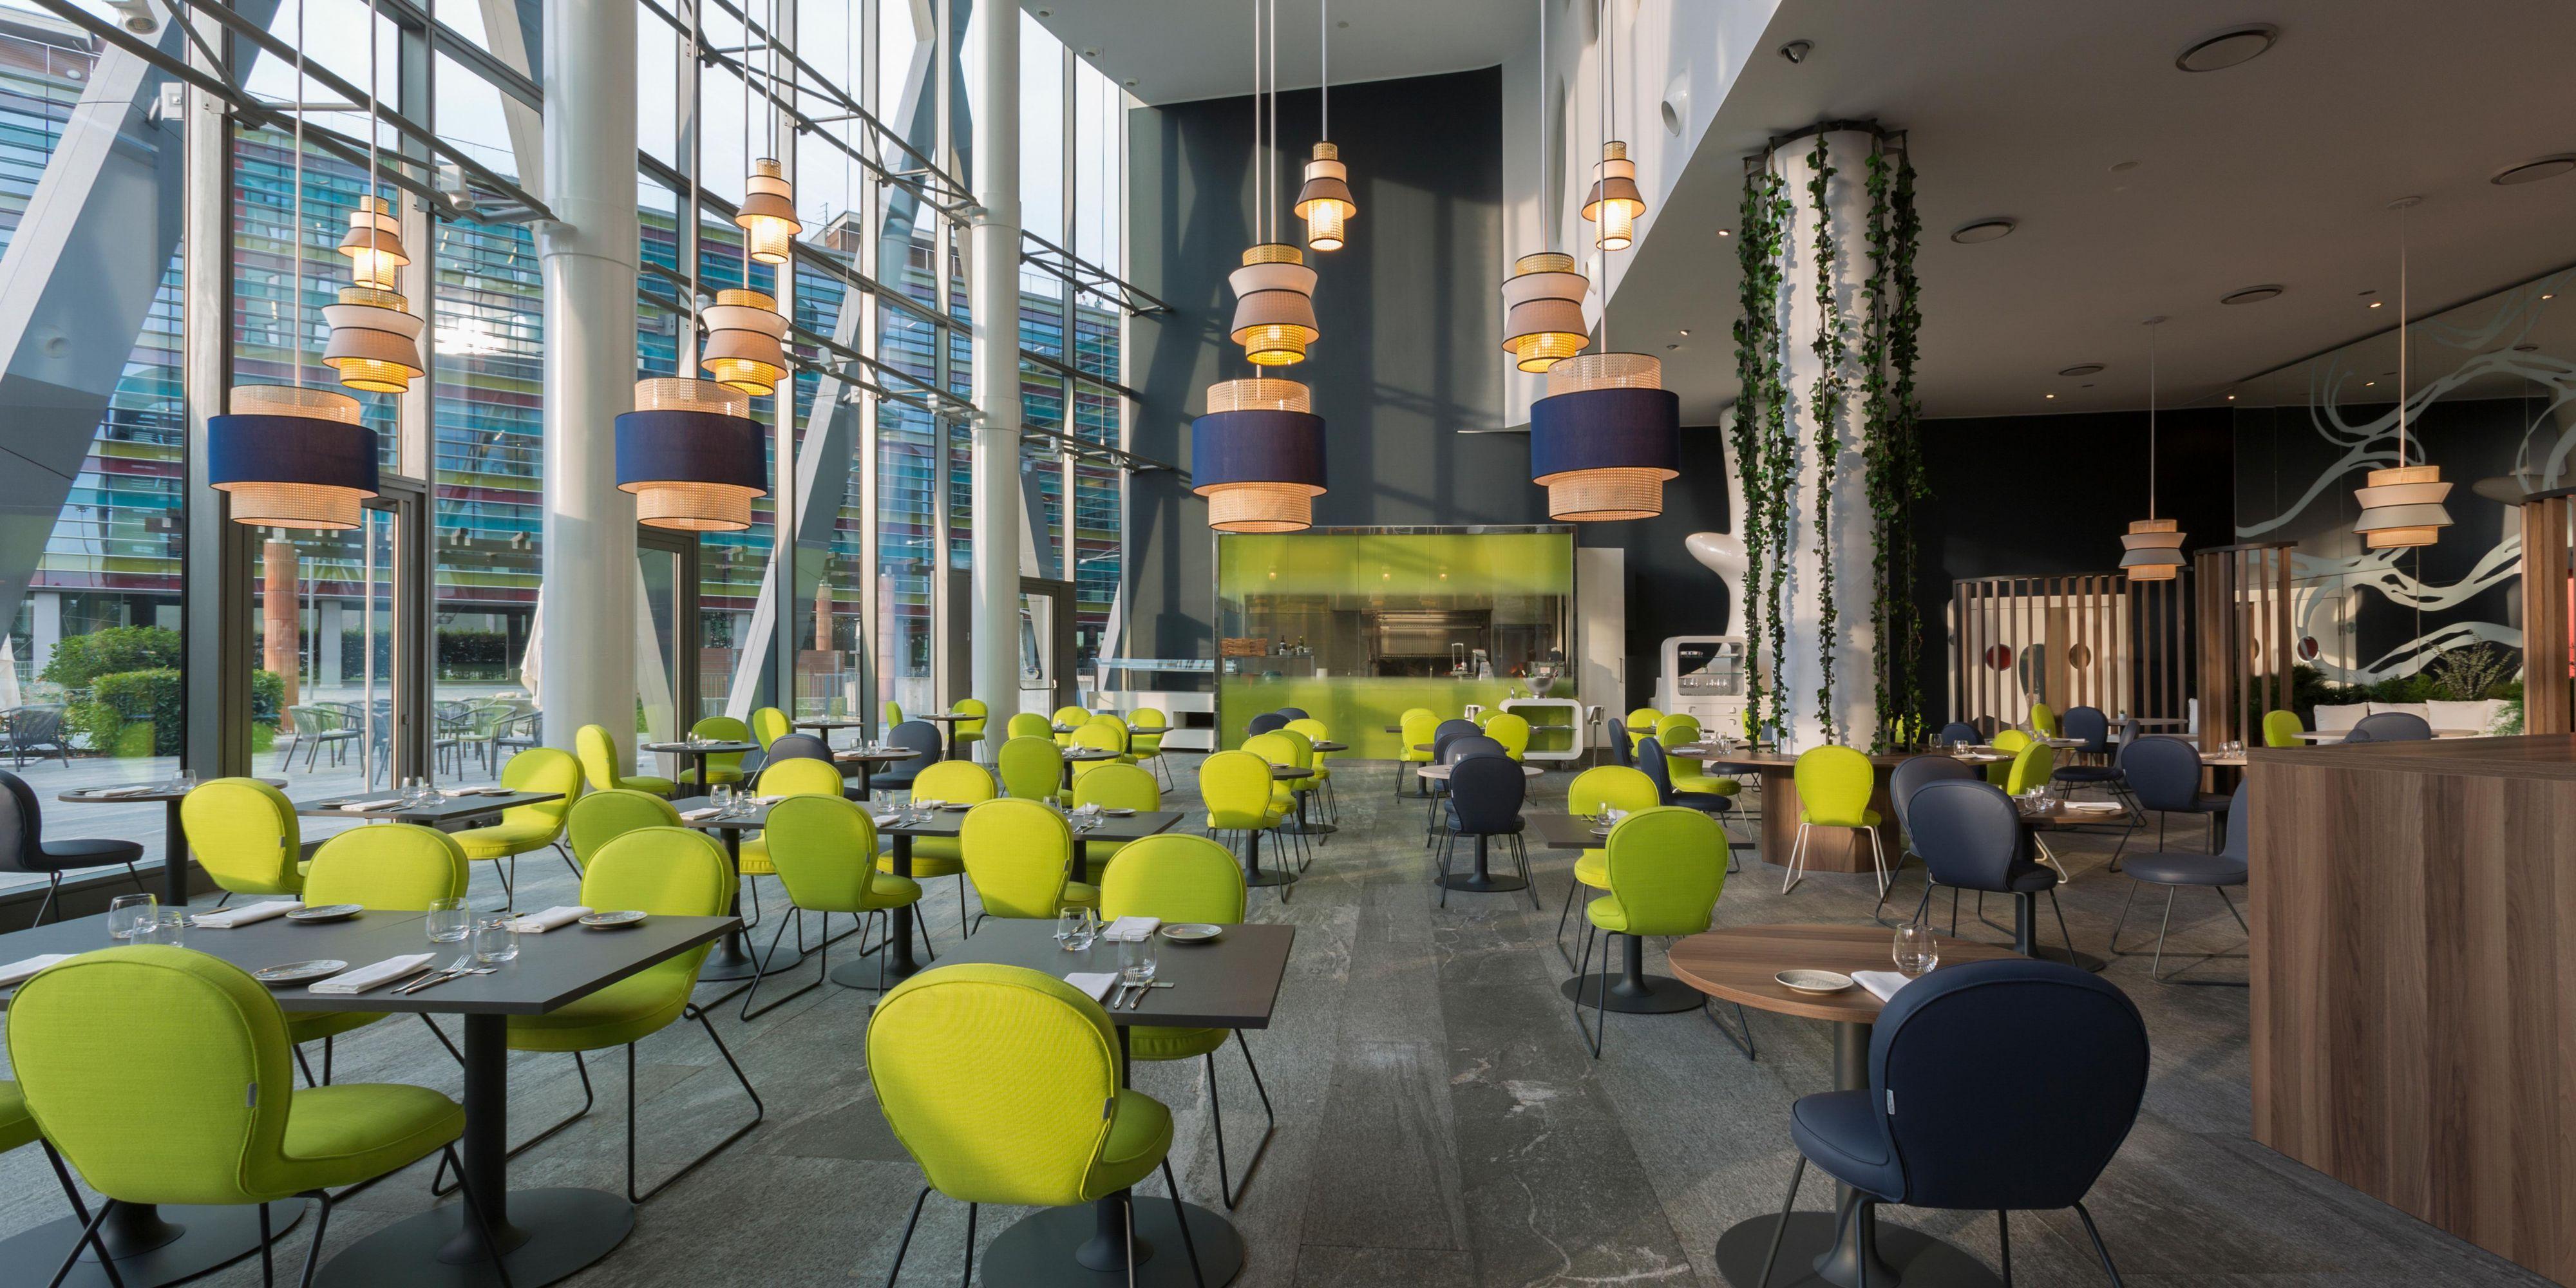 OnFire Restaurant